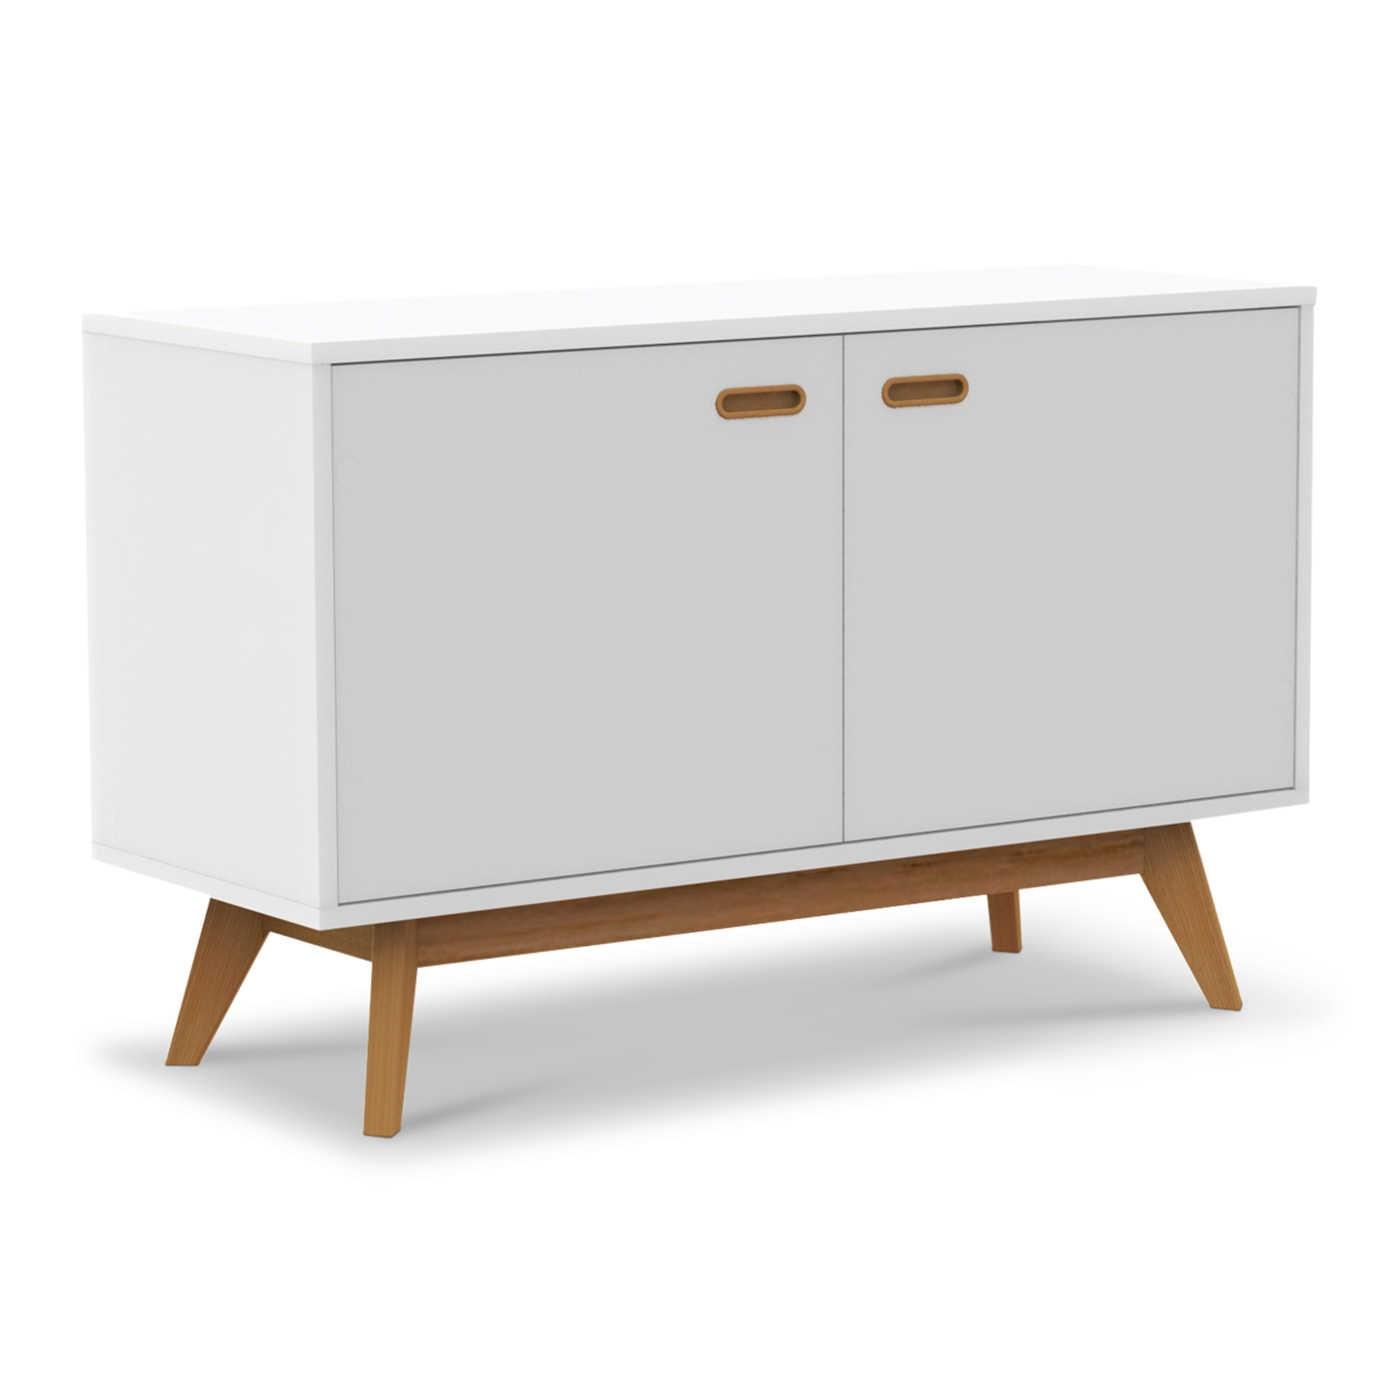 tenzo kommode bess wei lack hochglanz online kaufen bei woonio. Black Bedroom Furniture Sets. Home Design Ideas